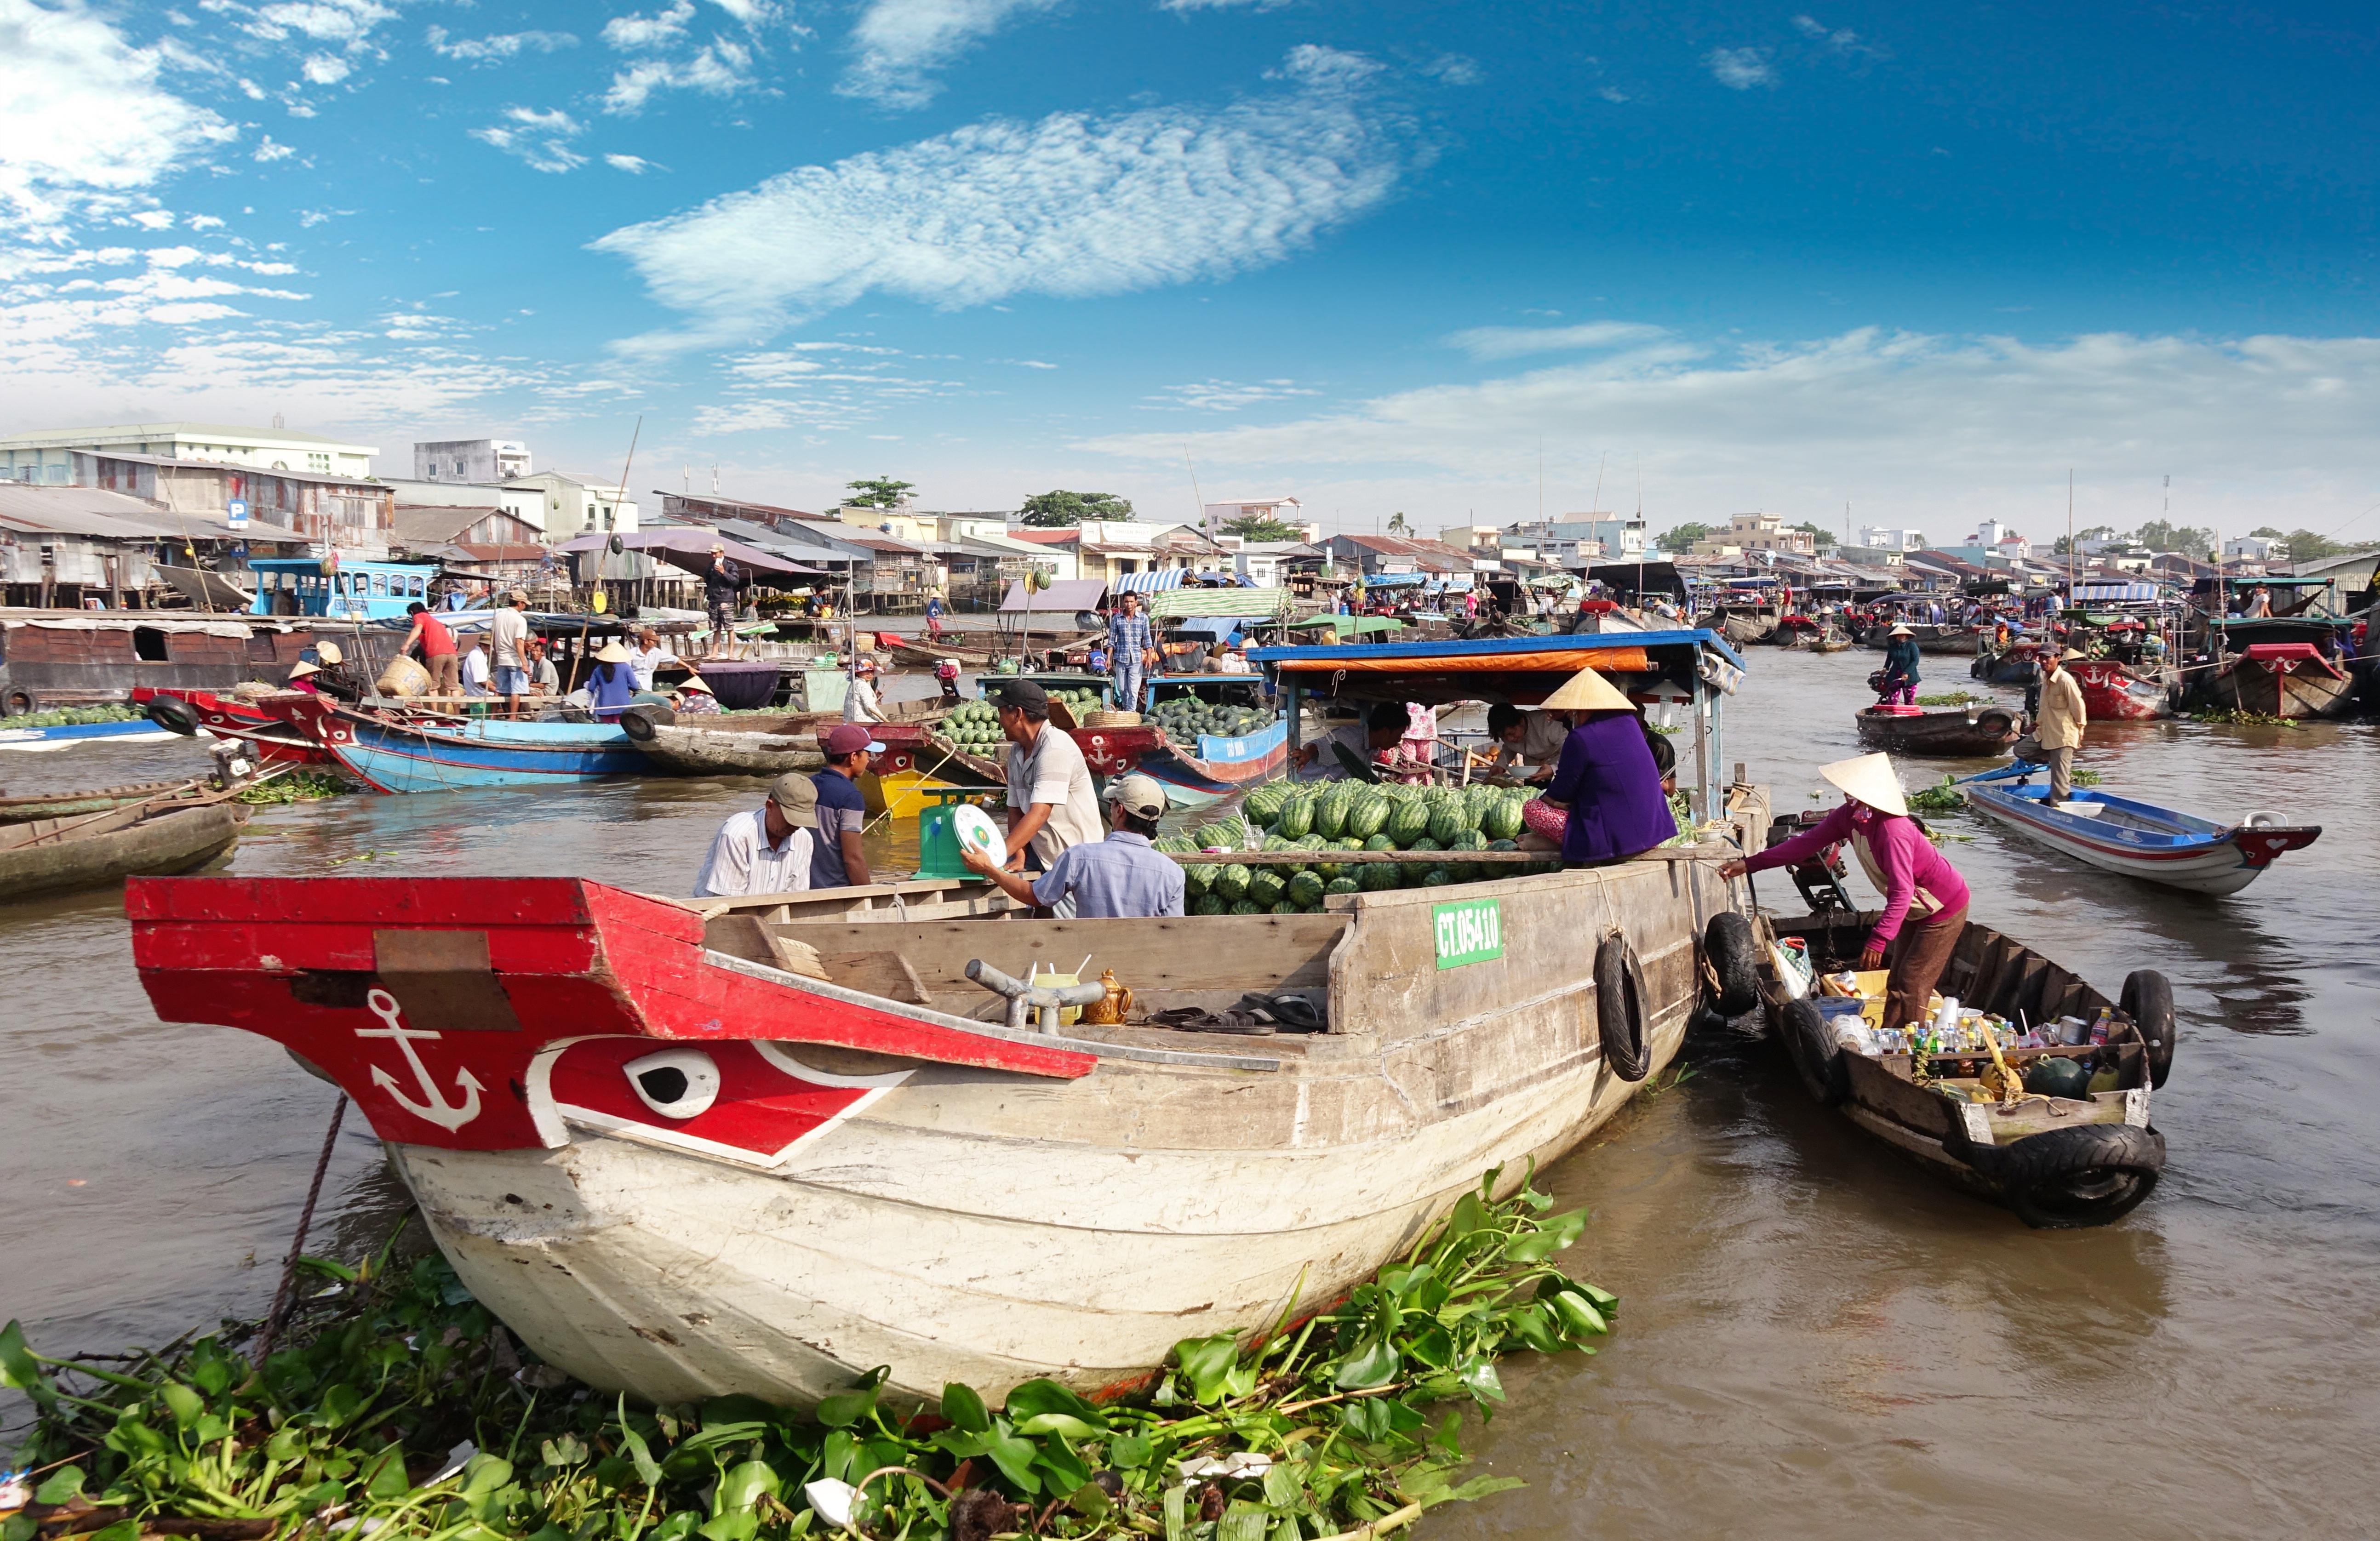 El auténtico mercado flotante de Cai Rang en el delta del Río Mekong